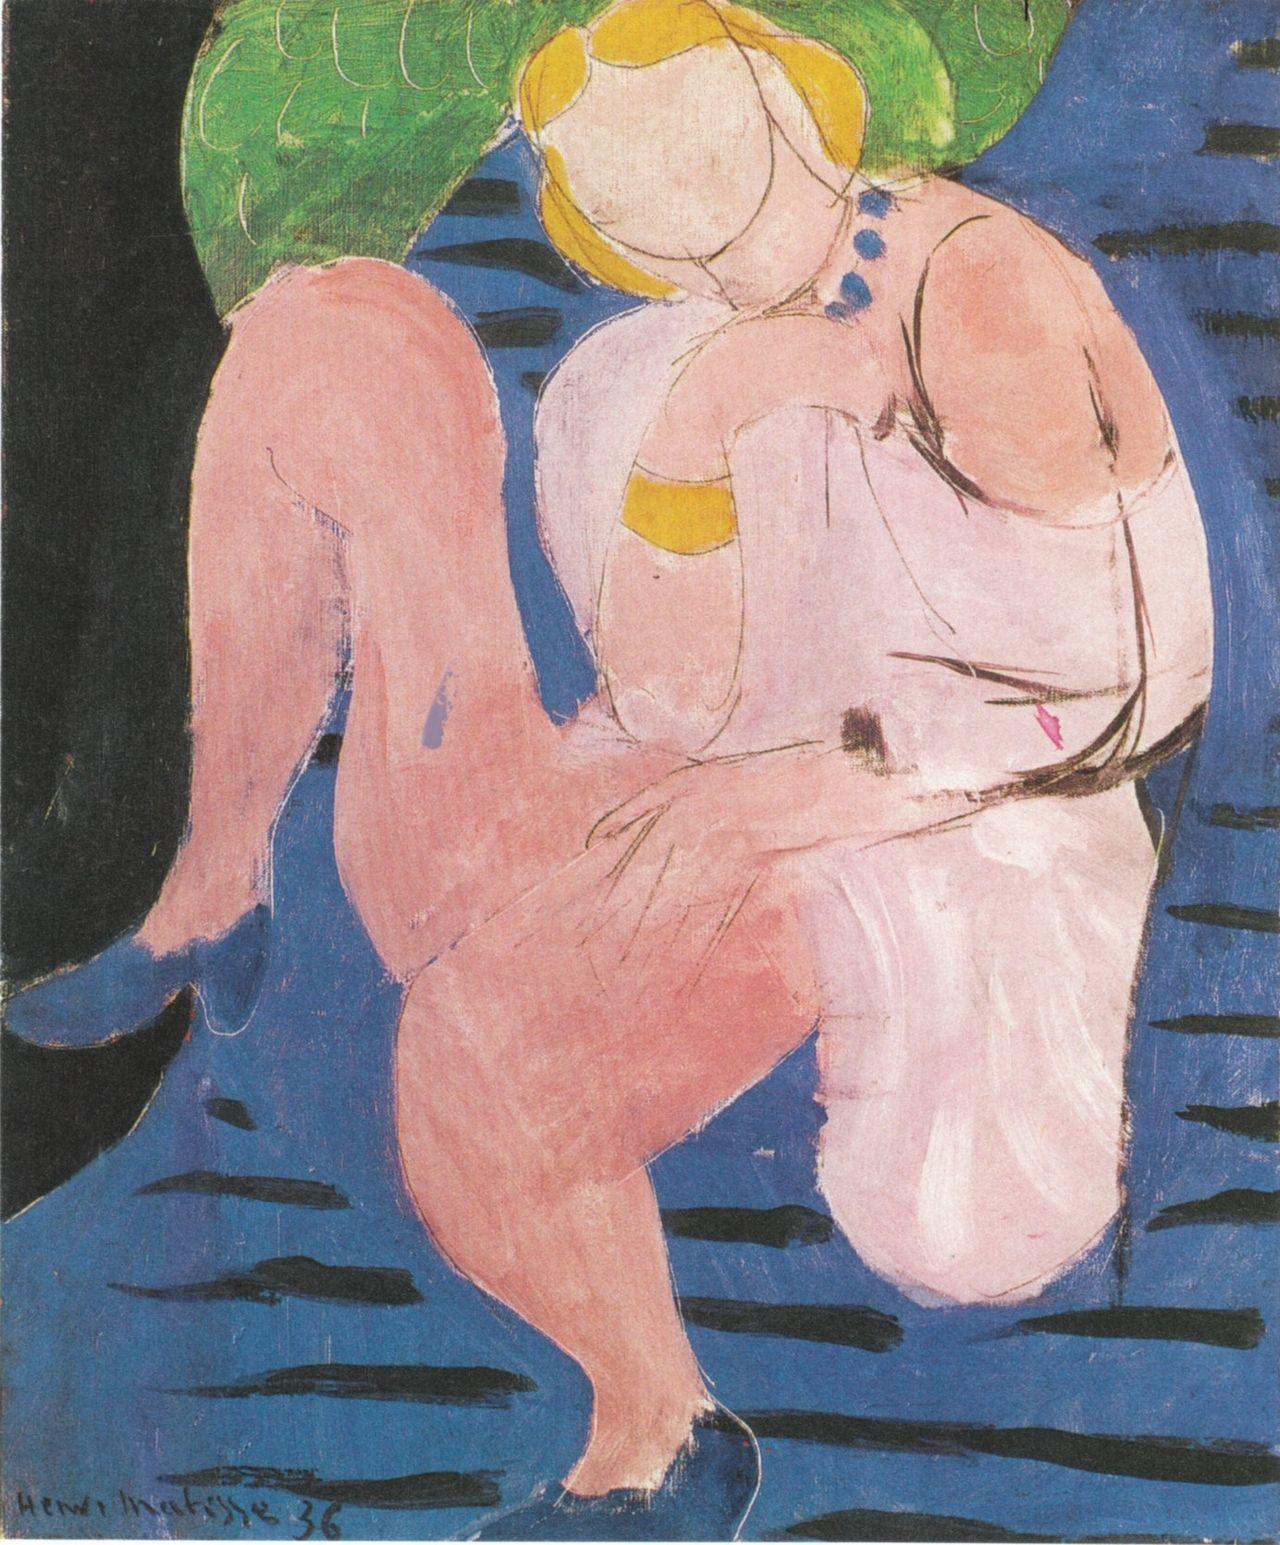 Anna nackt Matisse Home —